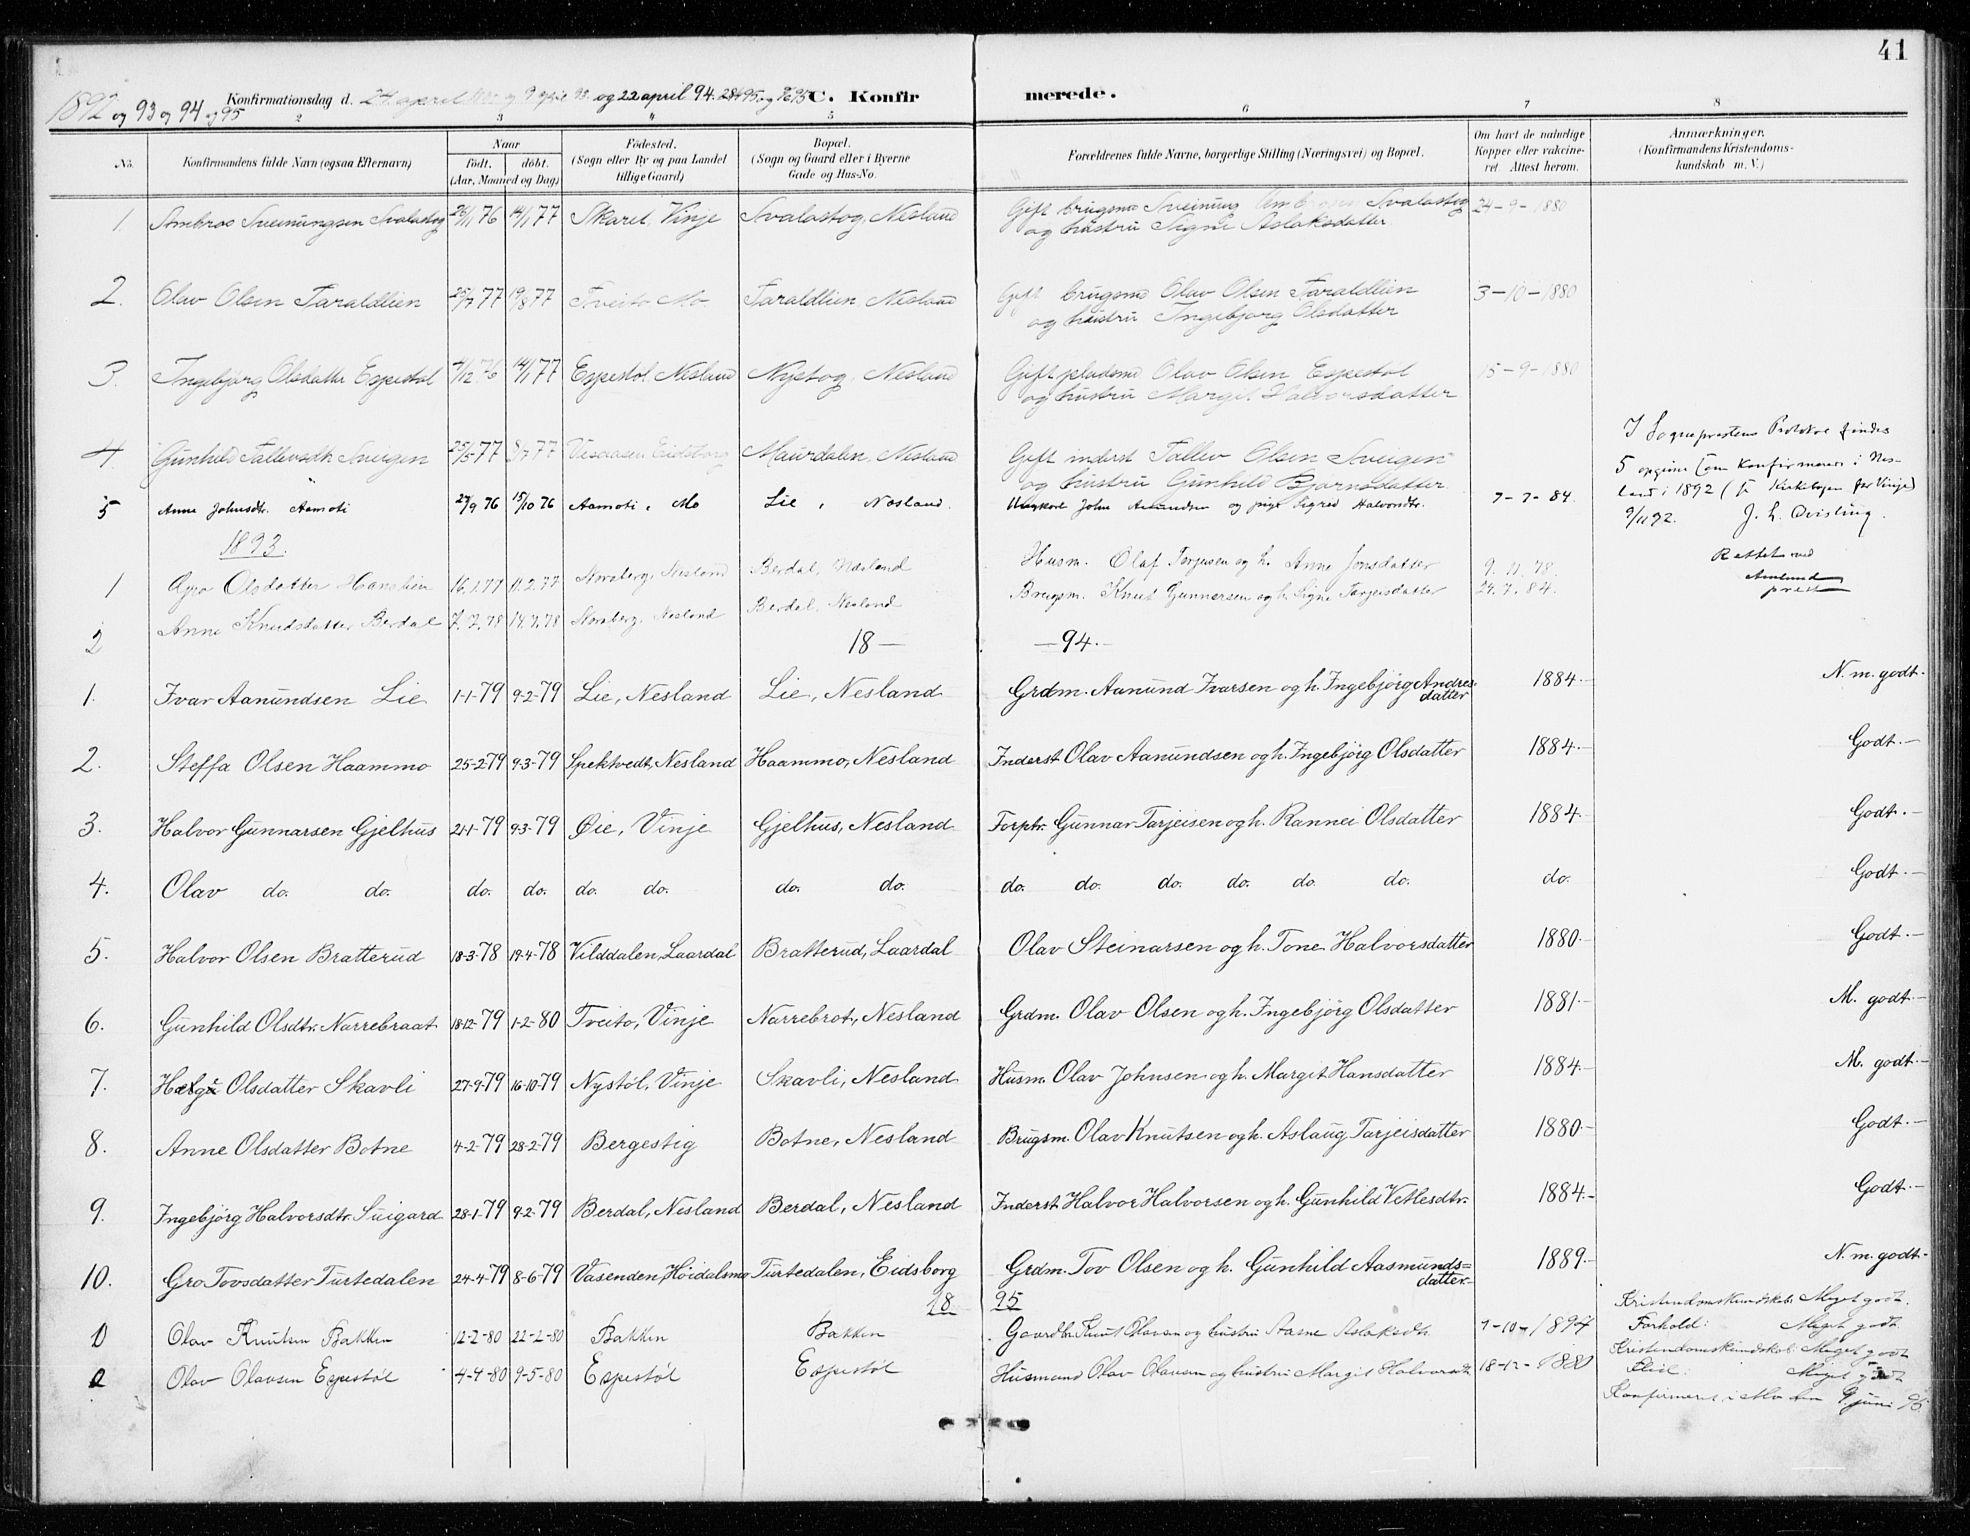 SAKO, Vinje kirkebøker, G/Gb/L0003: Klokkerbok nr. II 3, 1892-1943, s. 41